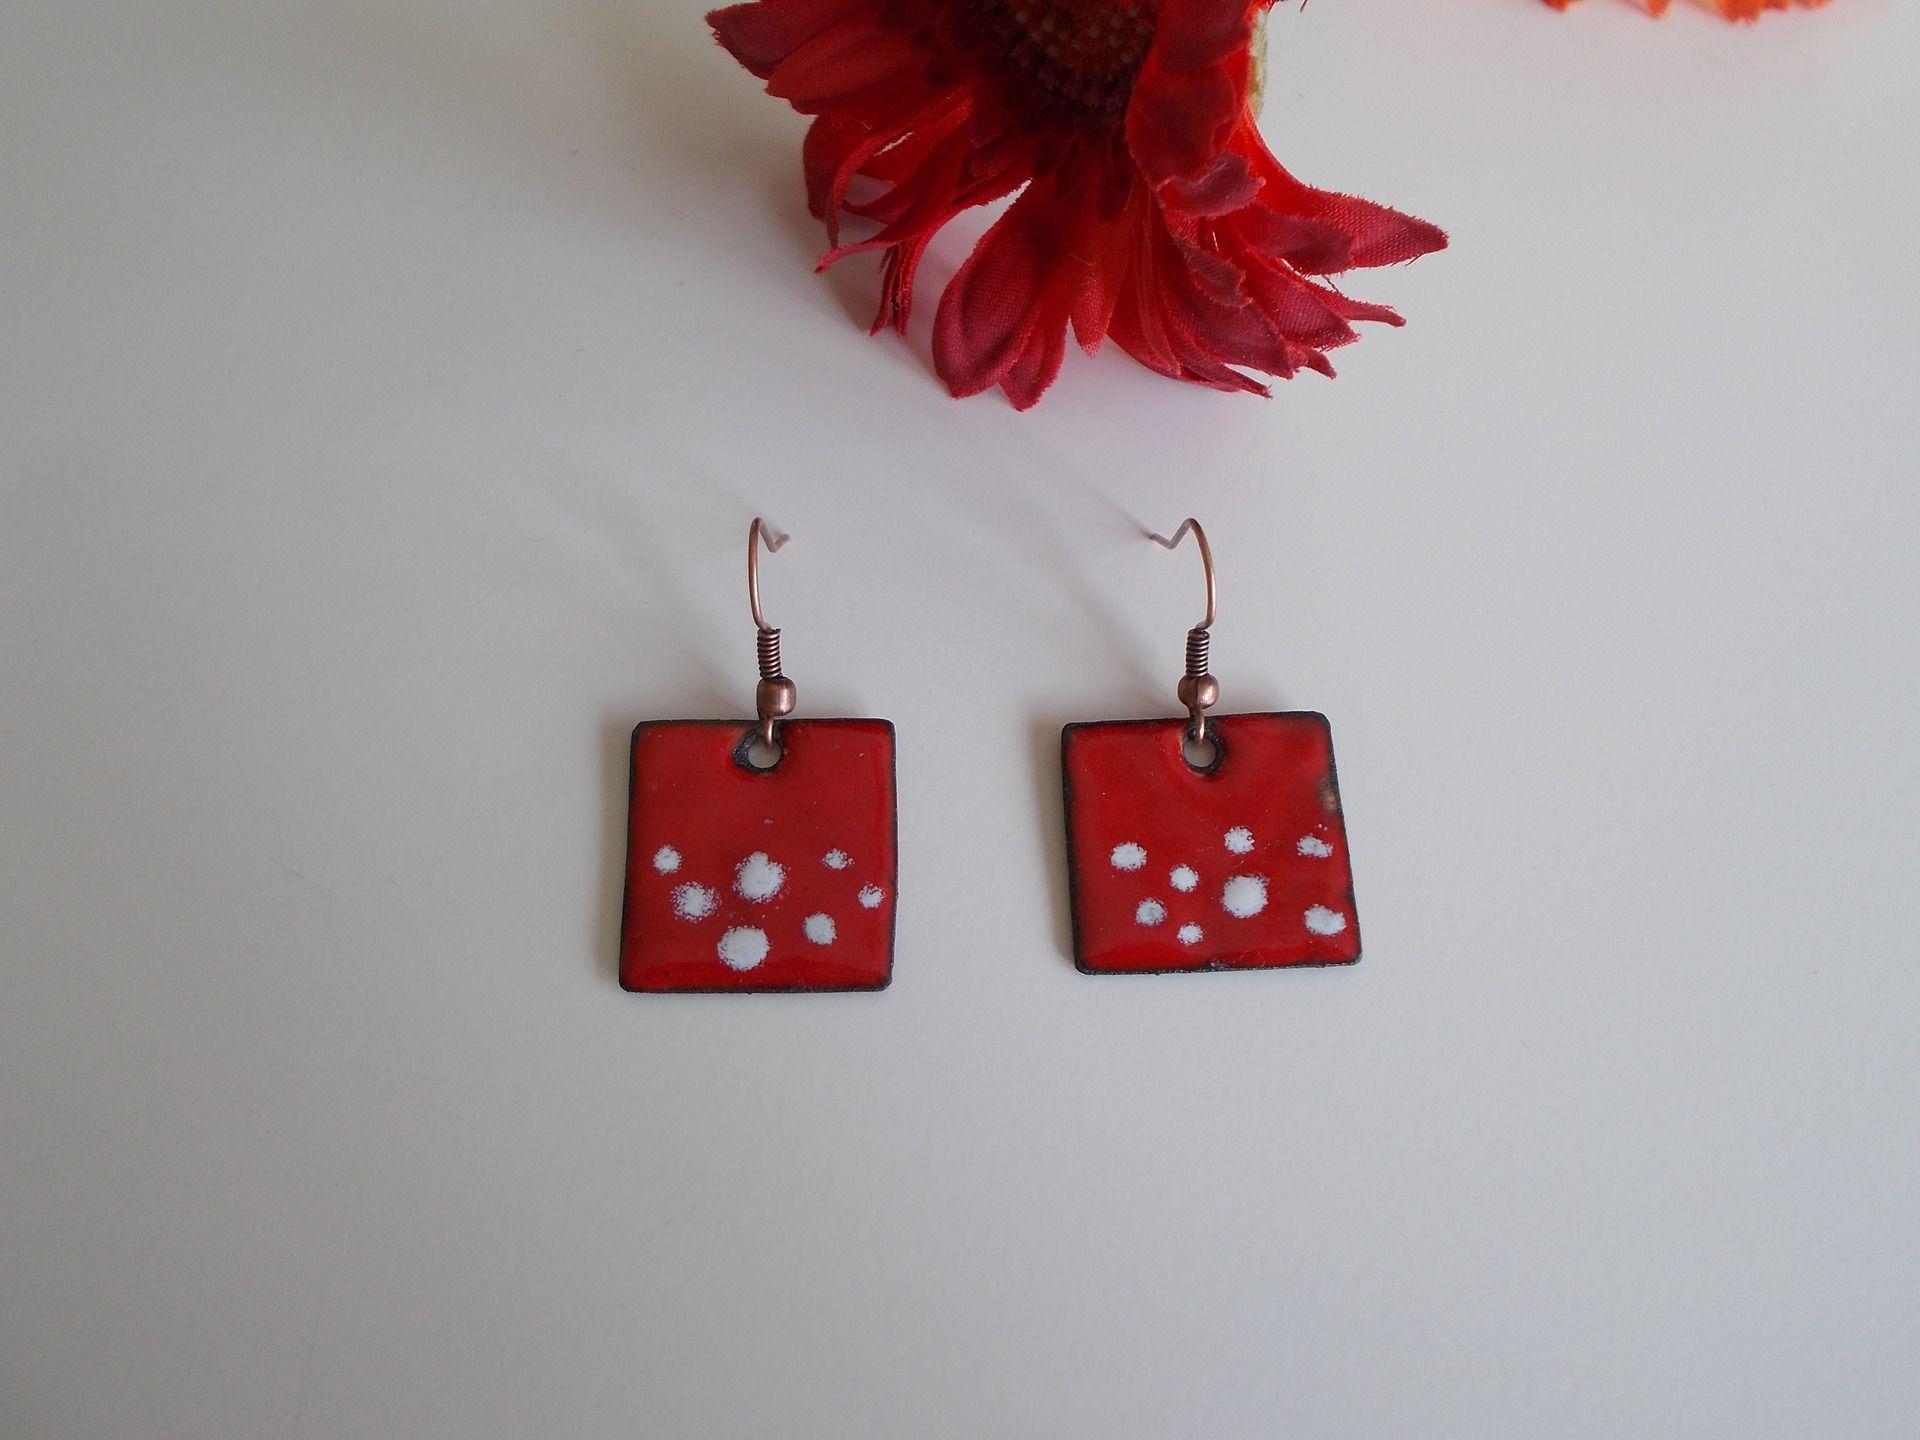 boucles d'oreilles rouges et blanches émail sur cuivre : Boucles d'oreille par elisabijoux